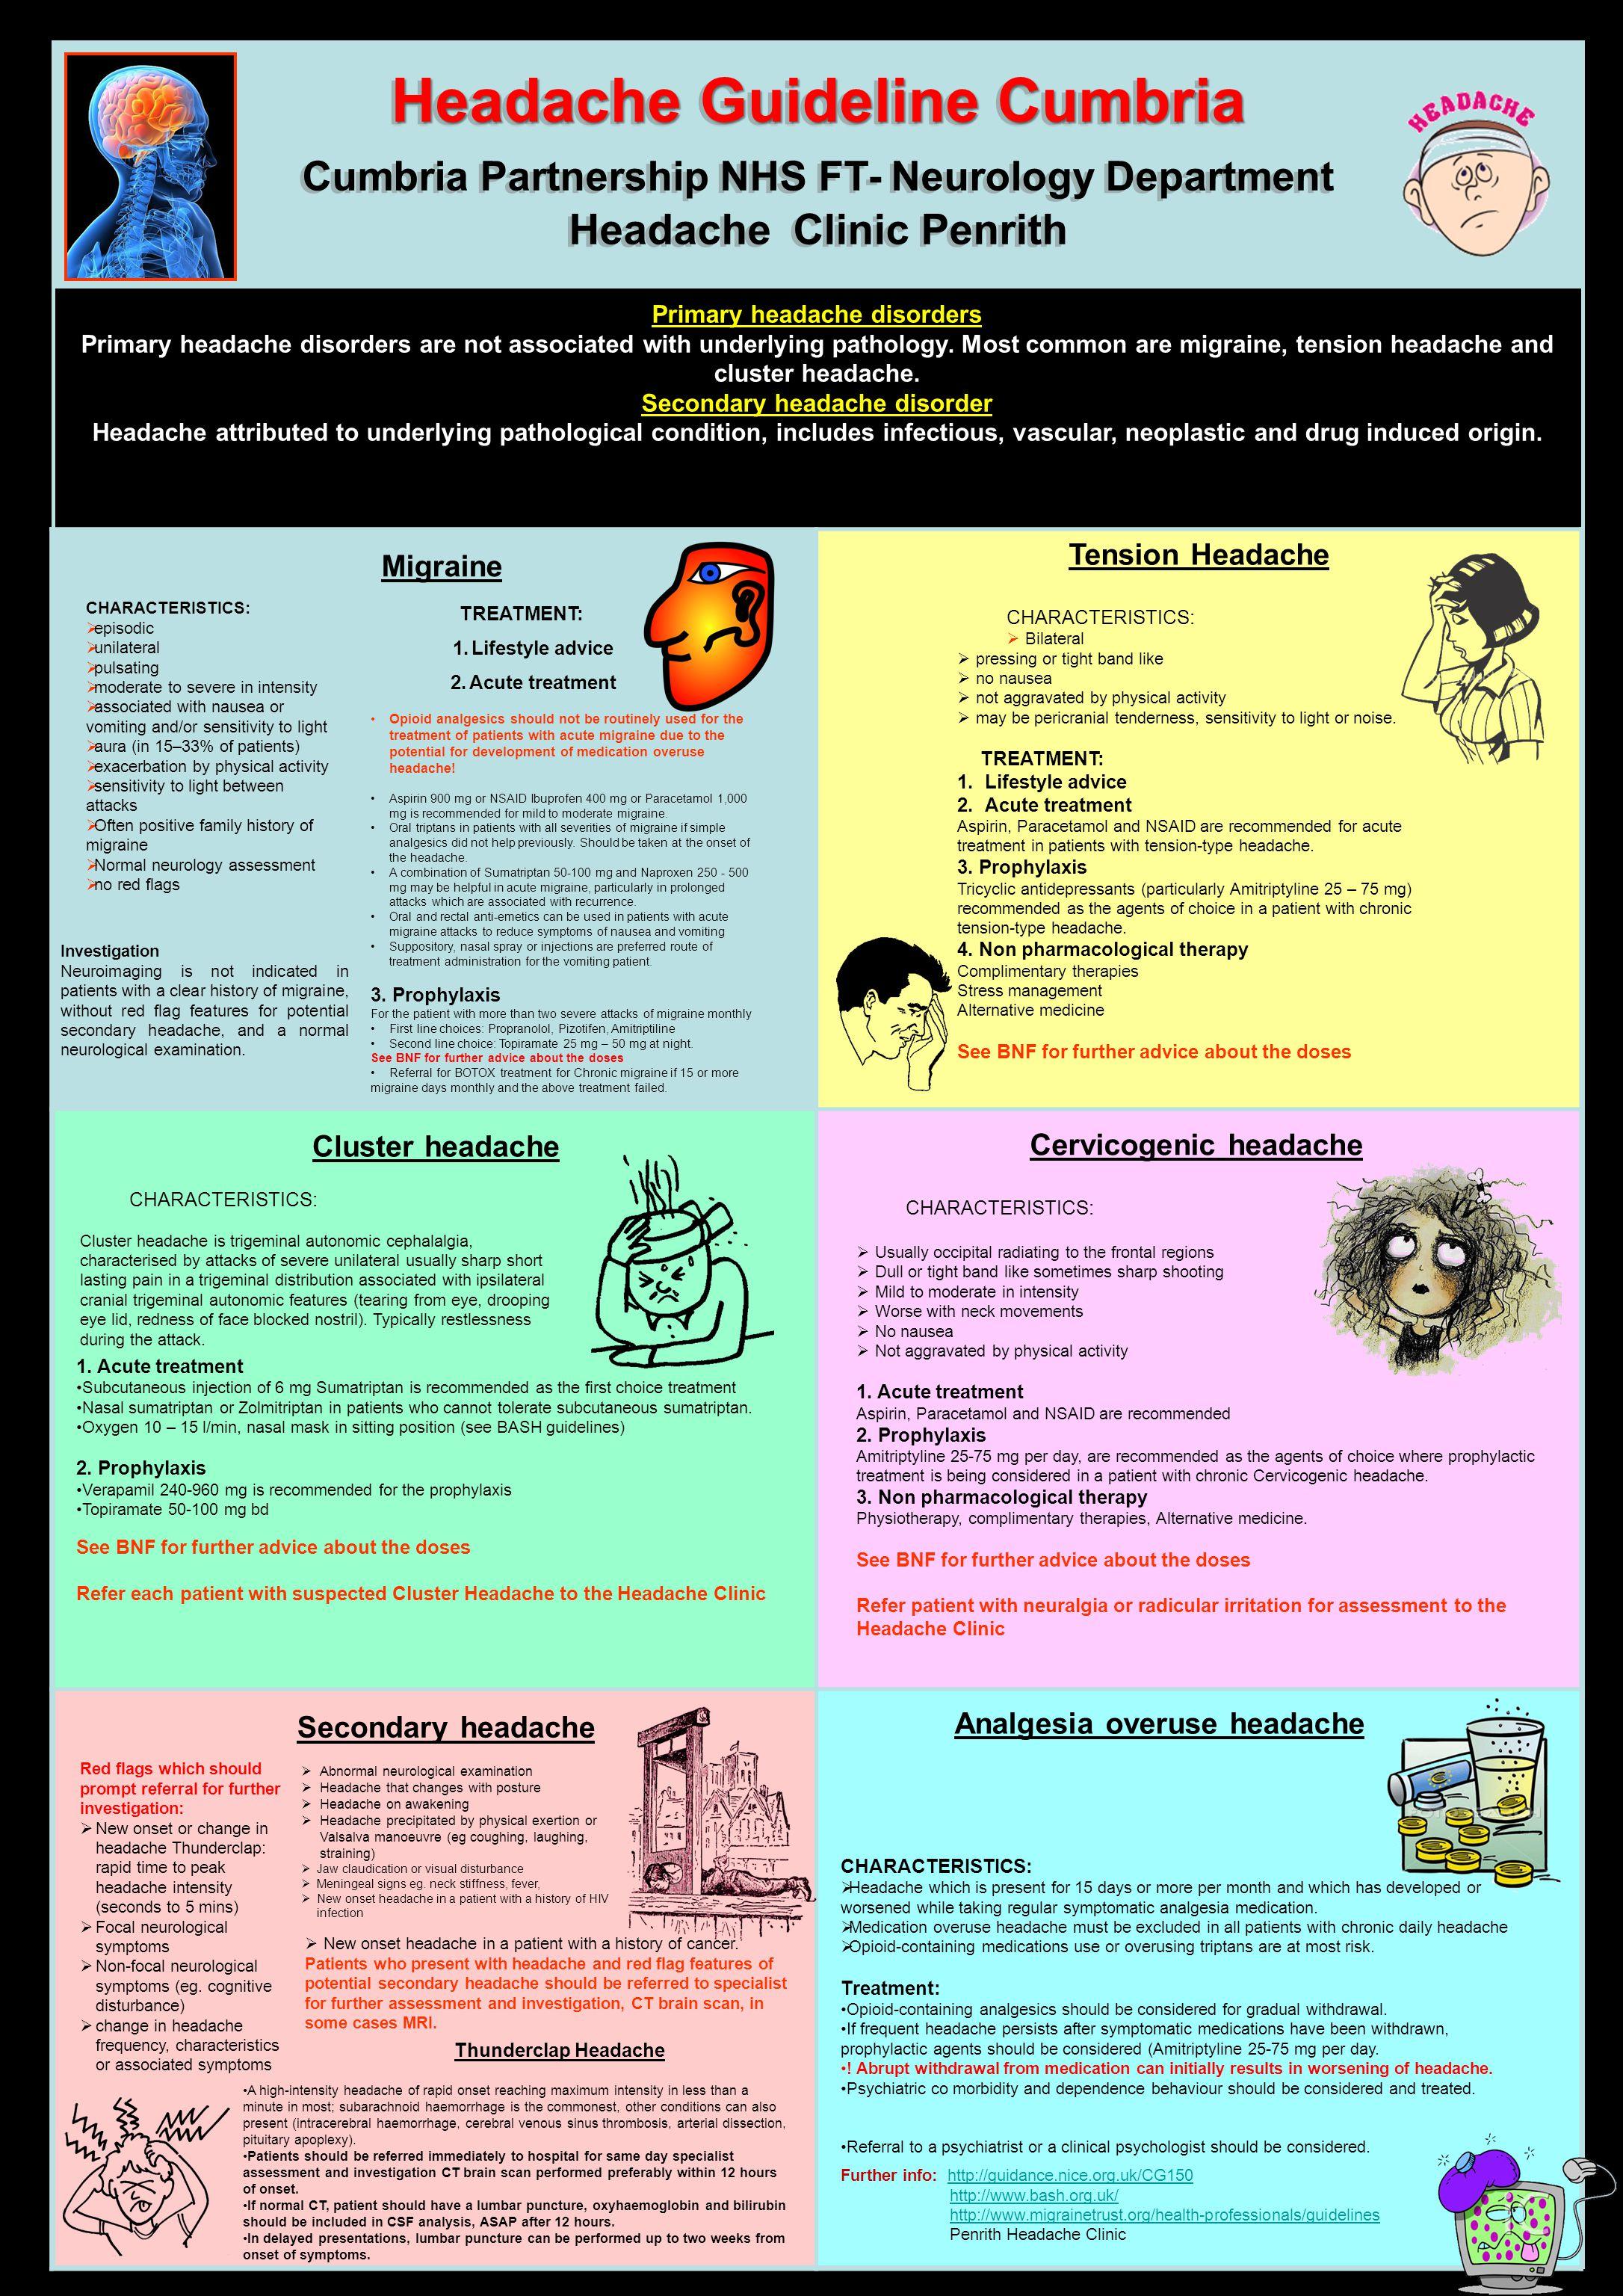 Headache Guideline Cumbria